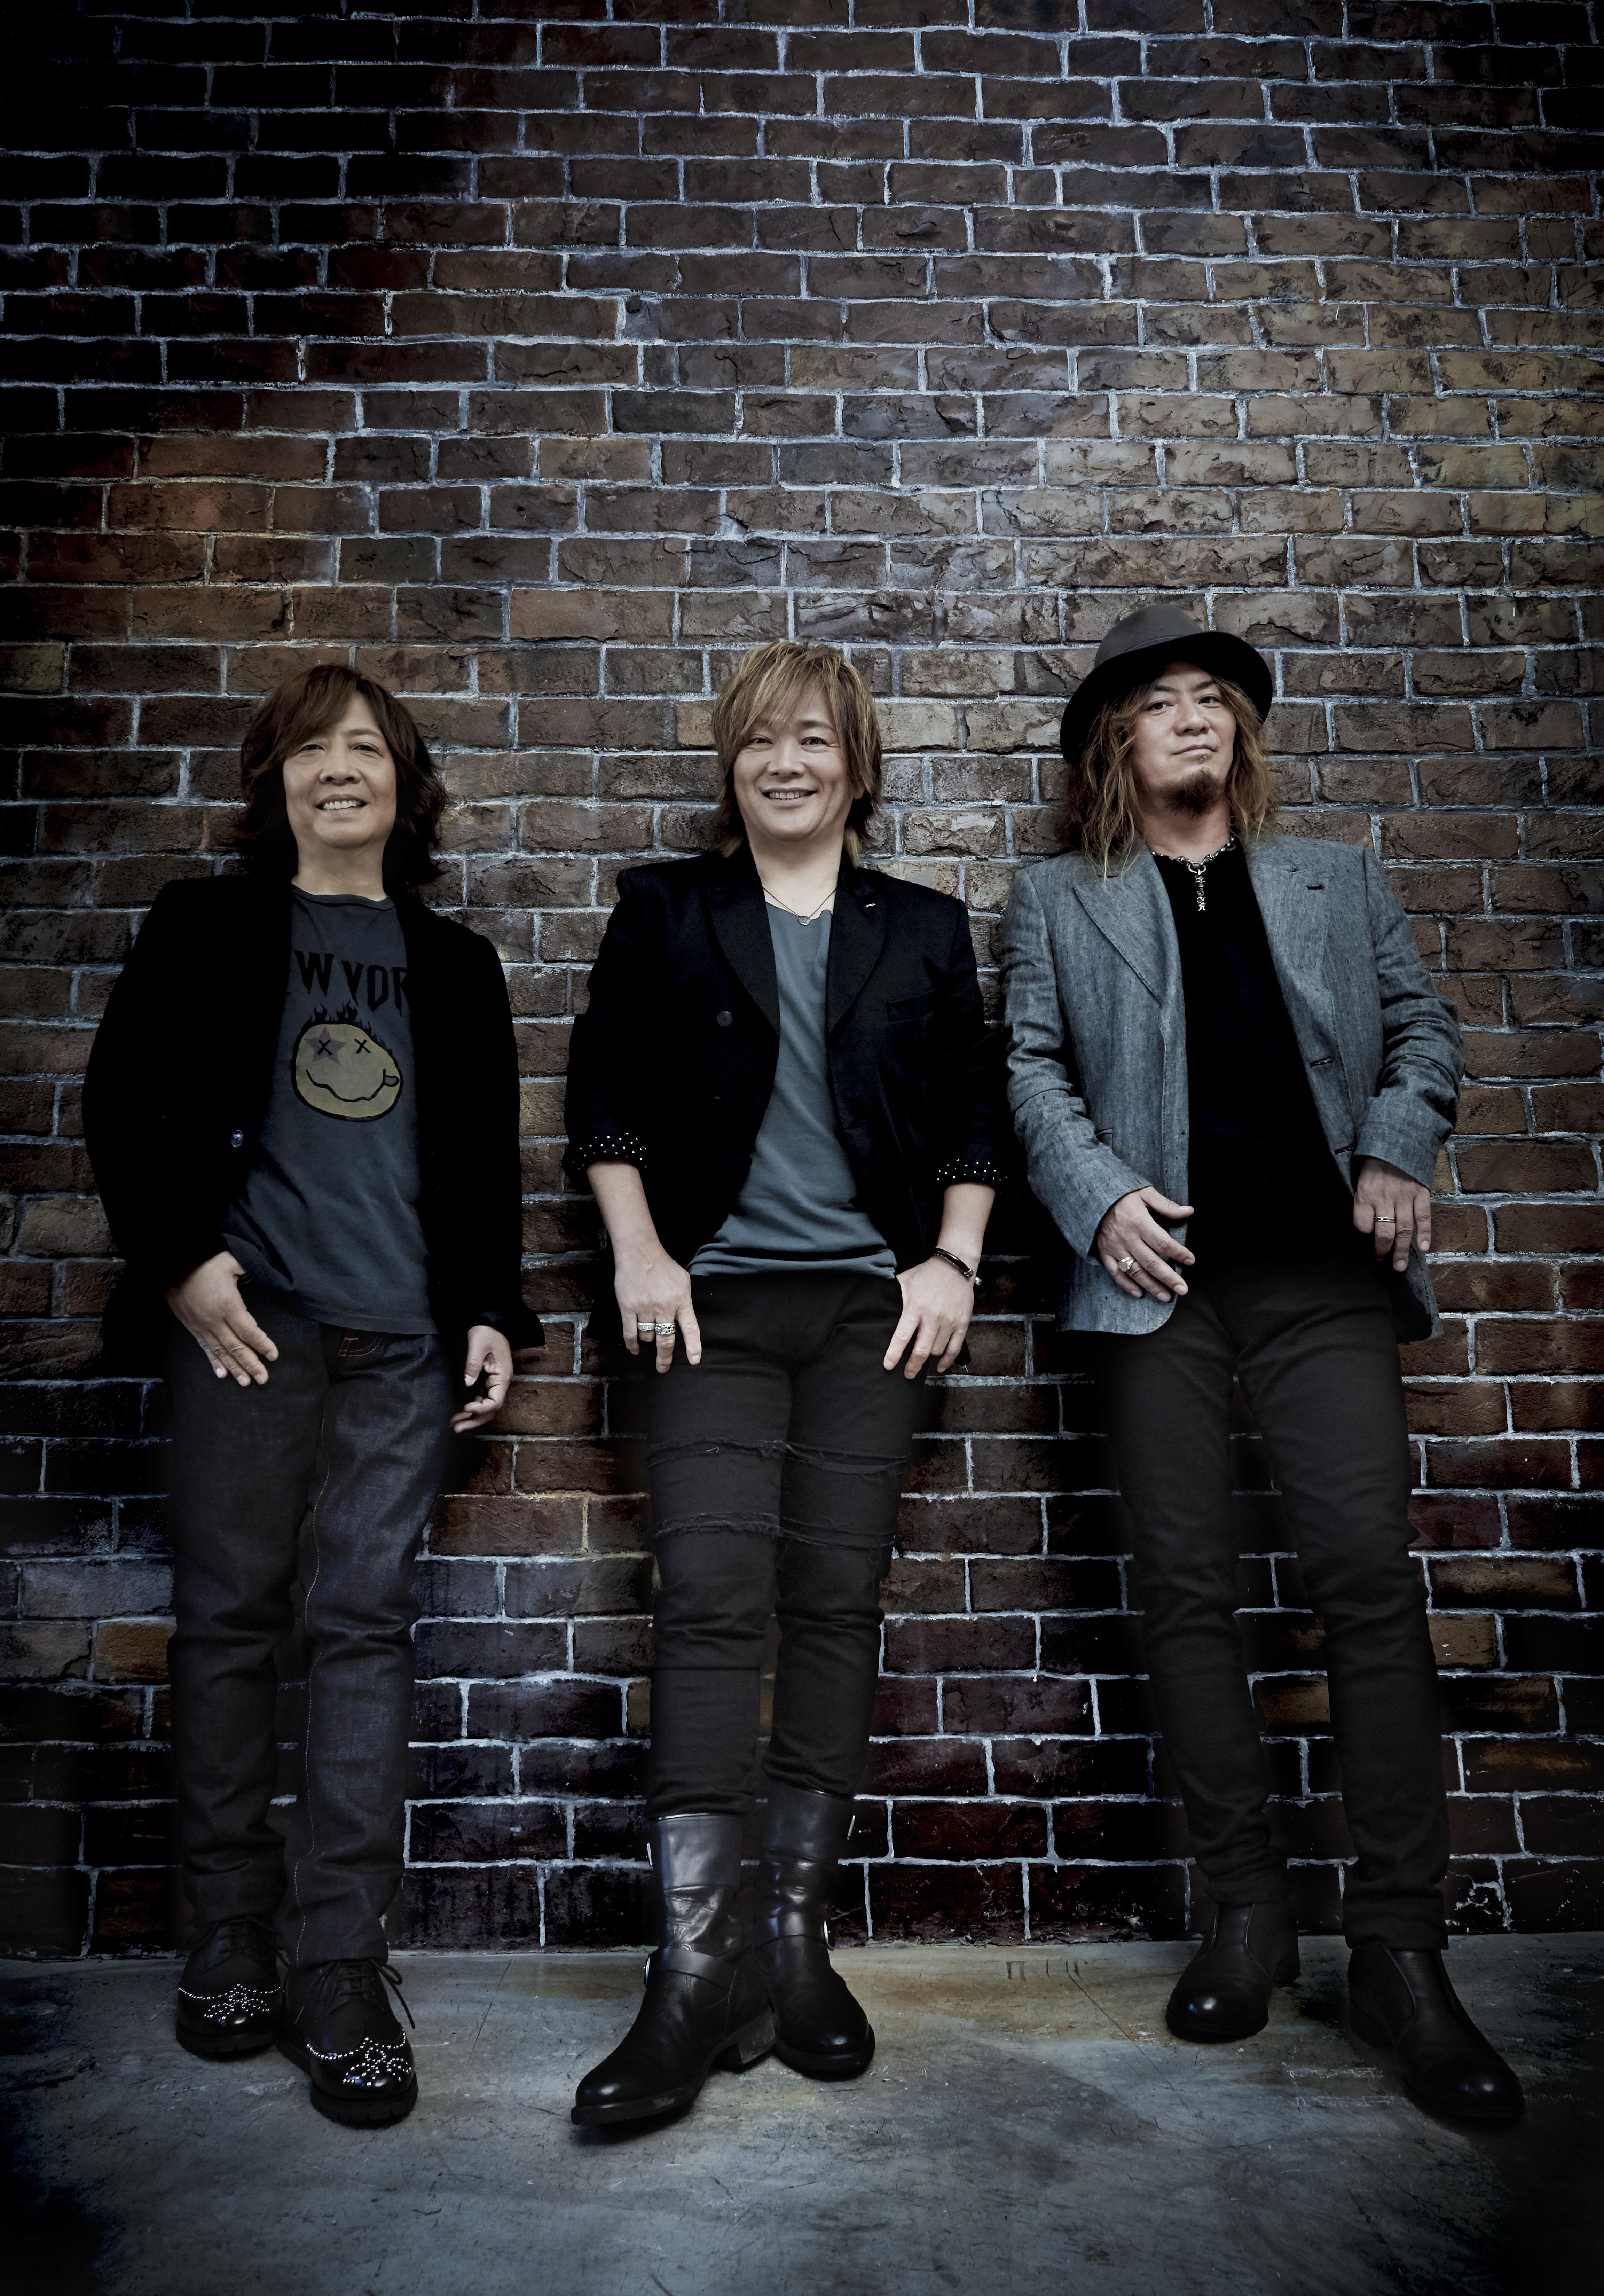 L→R 井上俊次(Key)、影山ヒロノブ(Vo)、高崎 晃(Gu)